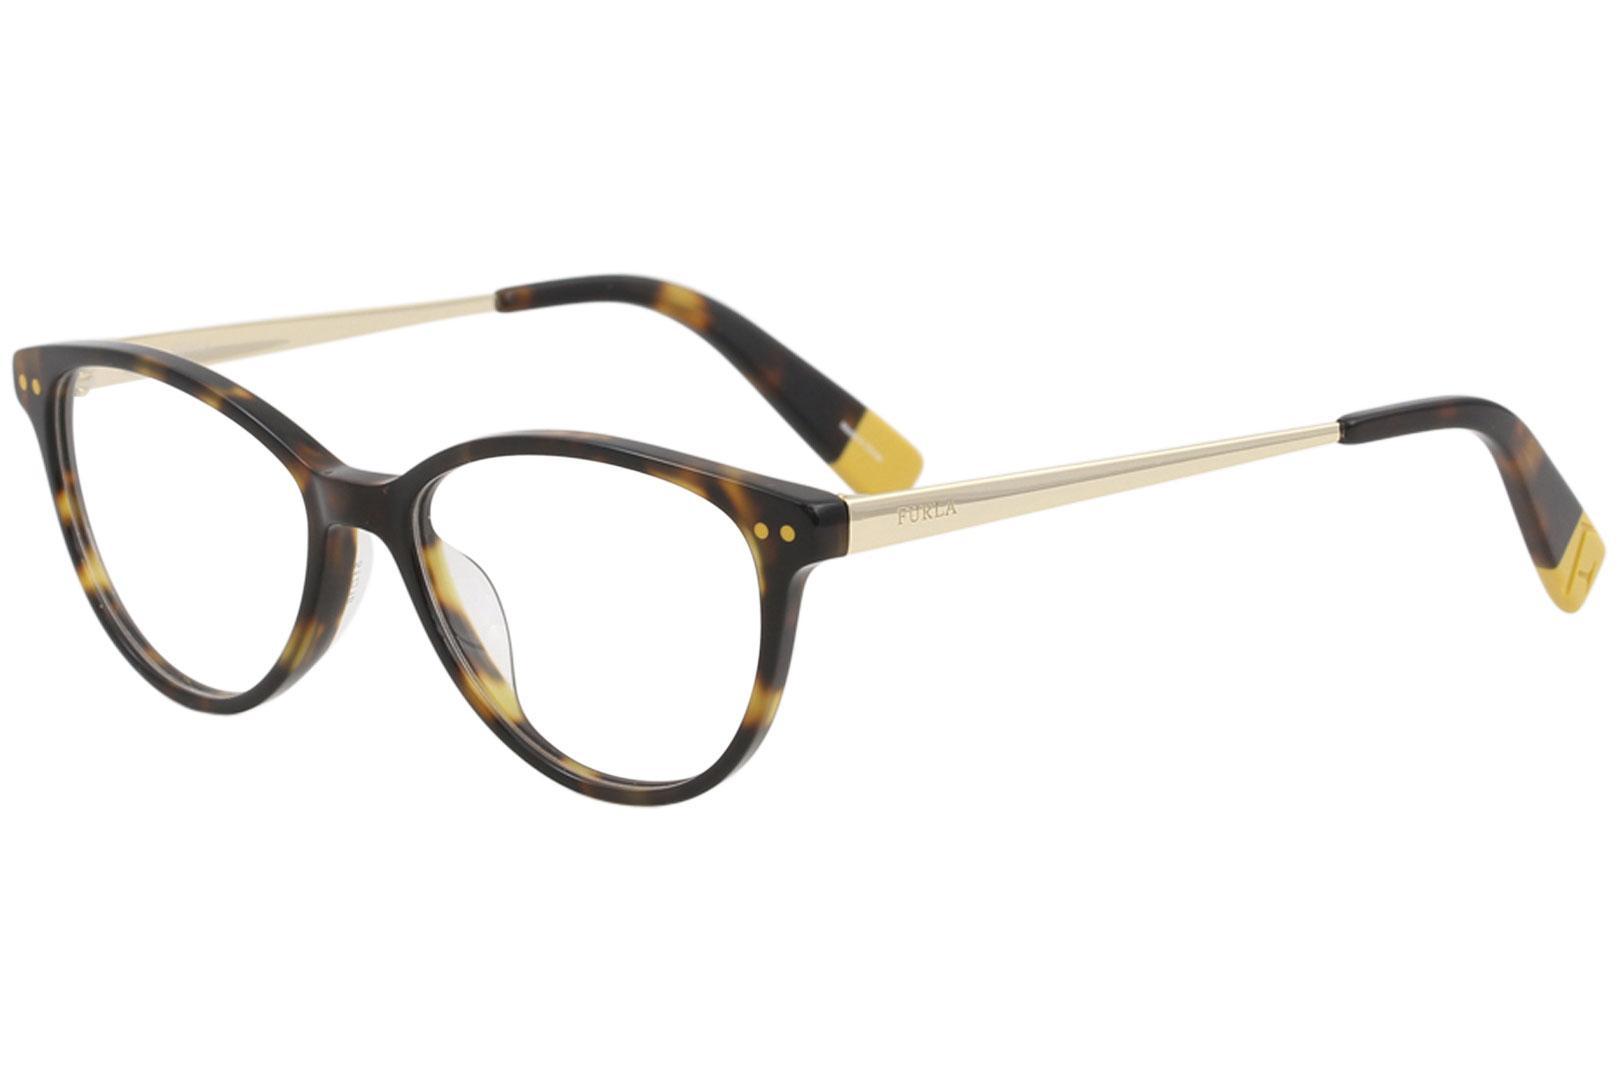 9cae4da9a9f Furla Women s Eyeglasses VFU083 VFU 083 Full Rim Optical Frame